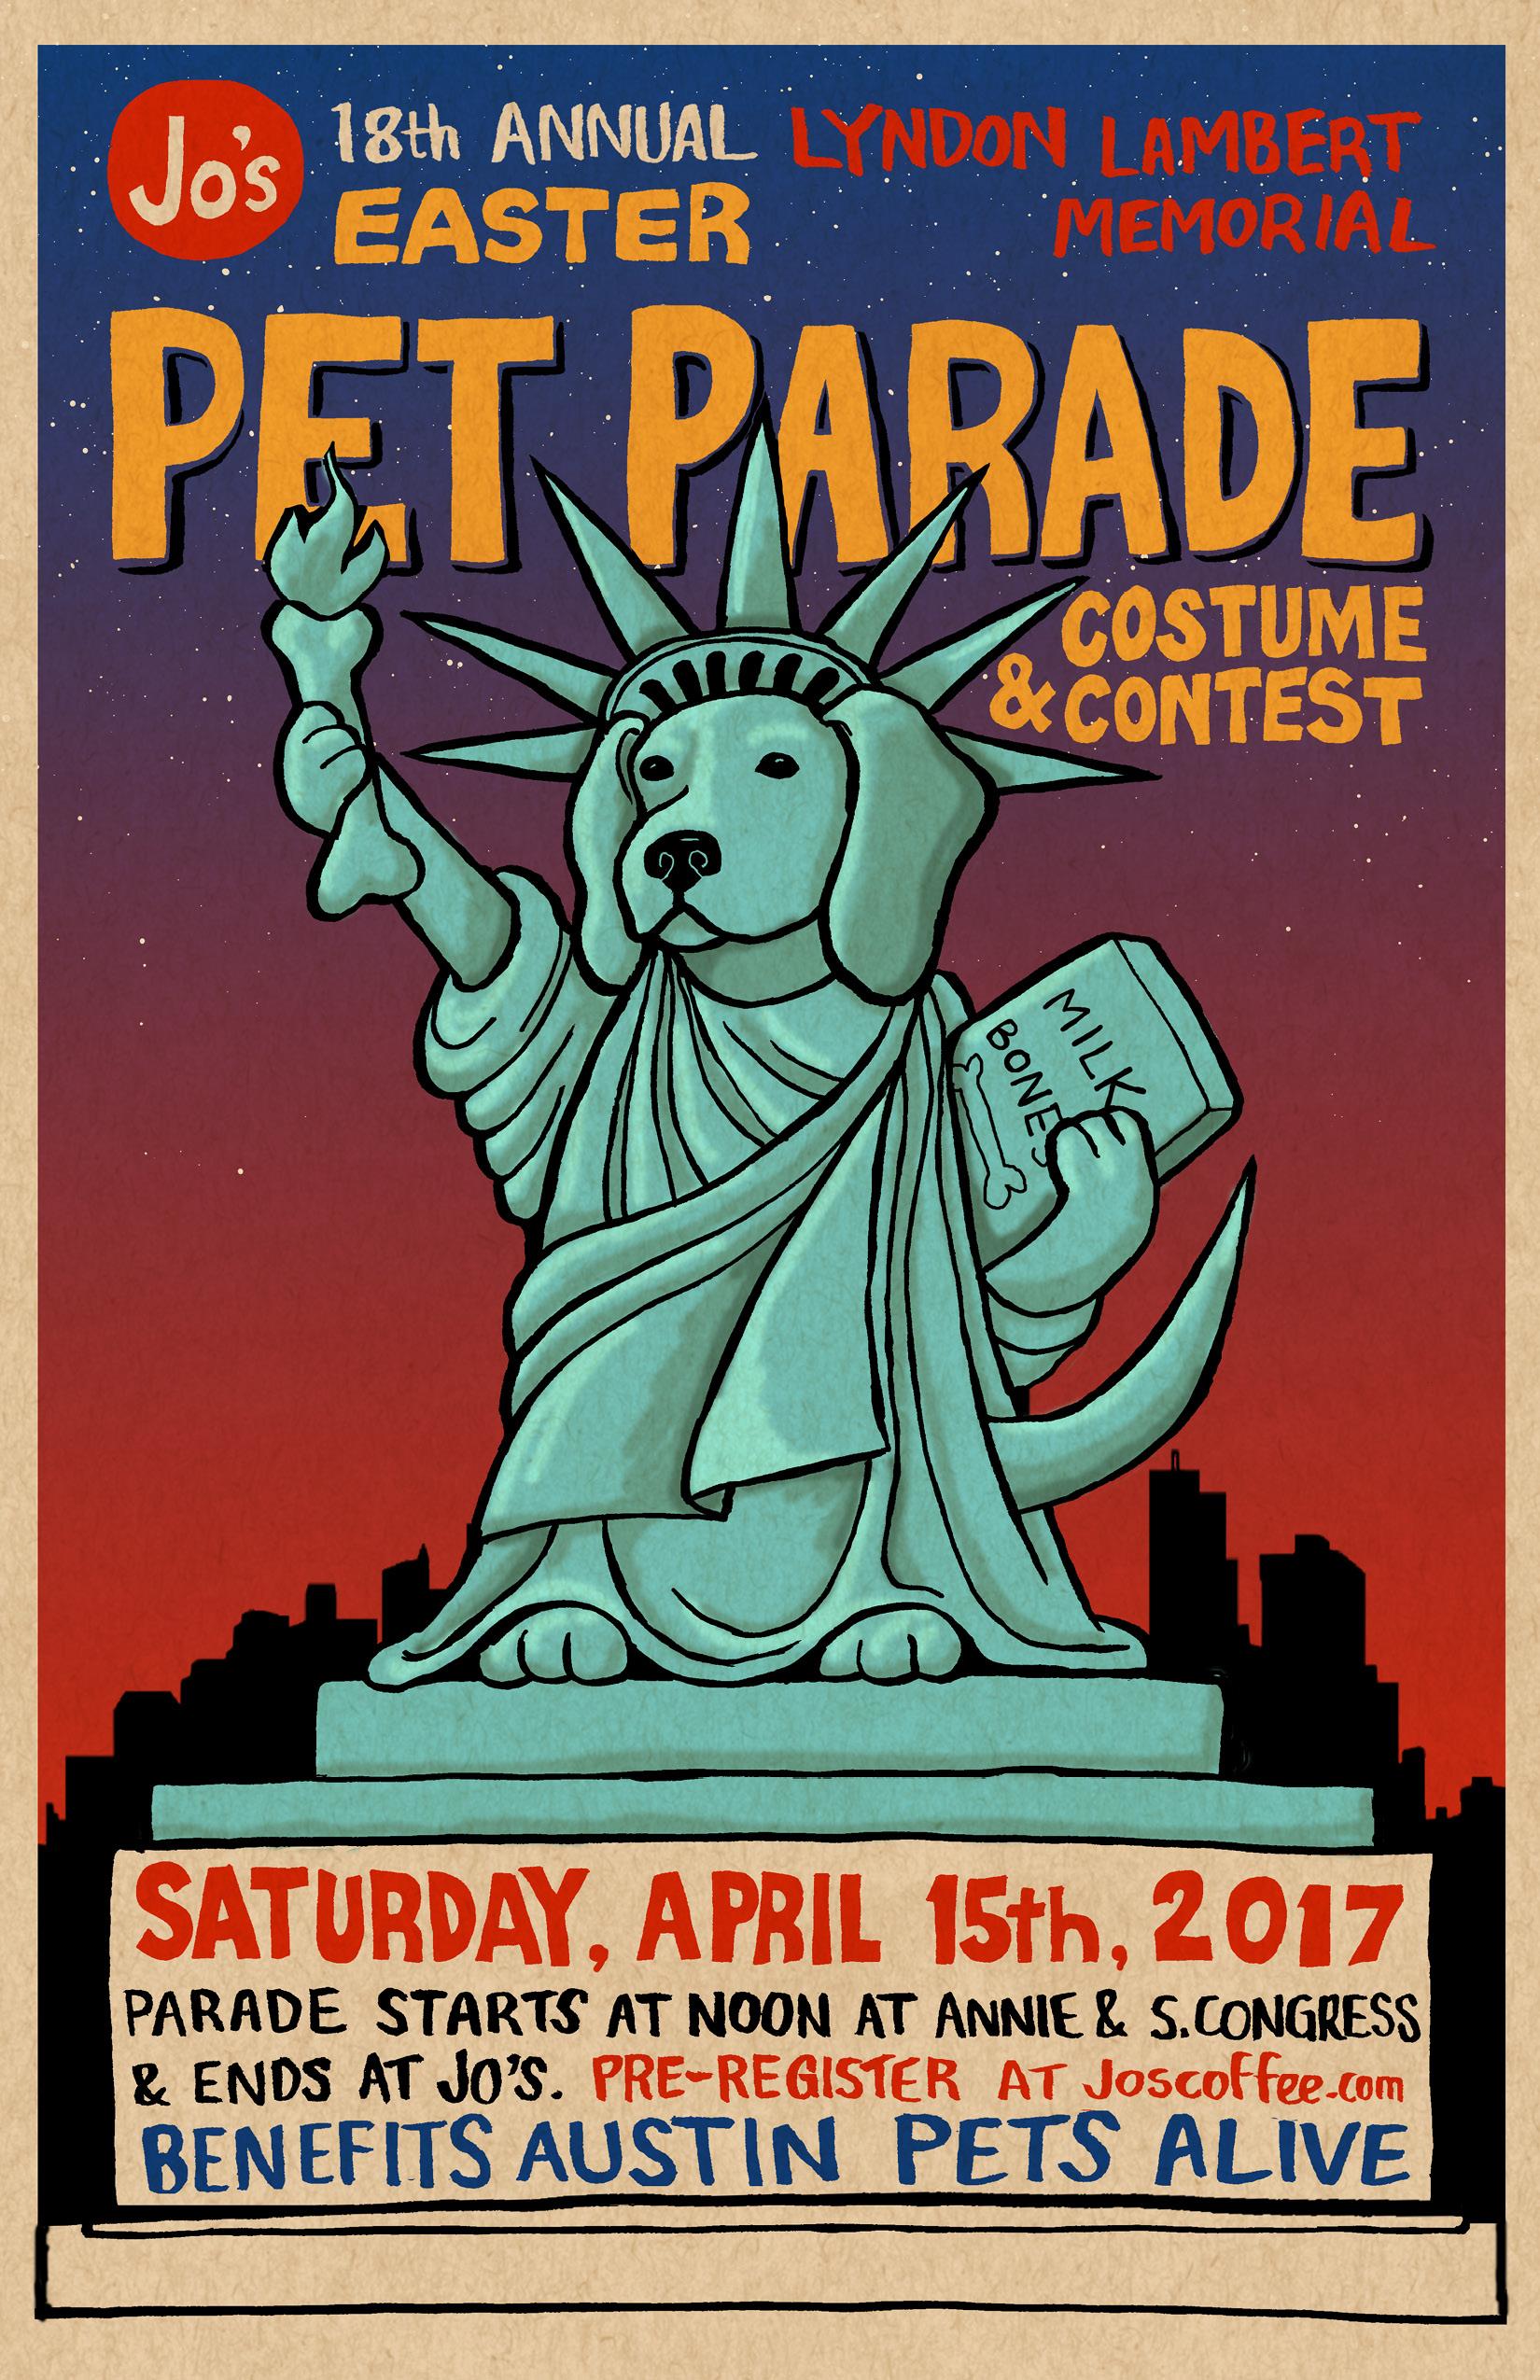 Pet parade 2017 11x17.jpg